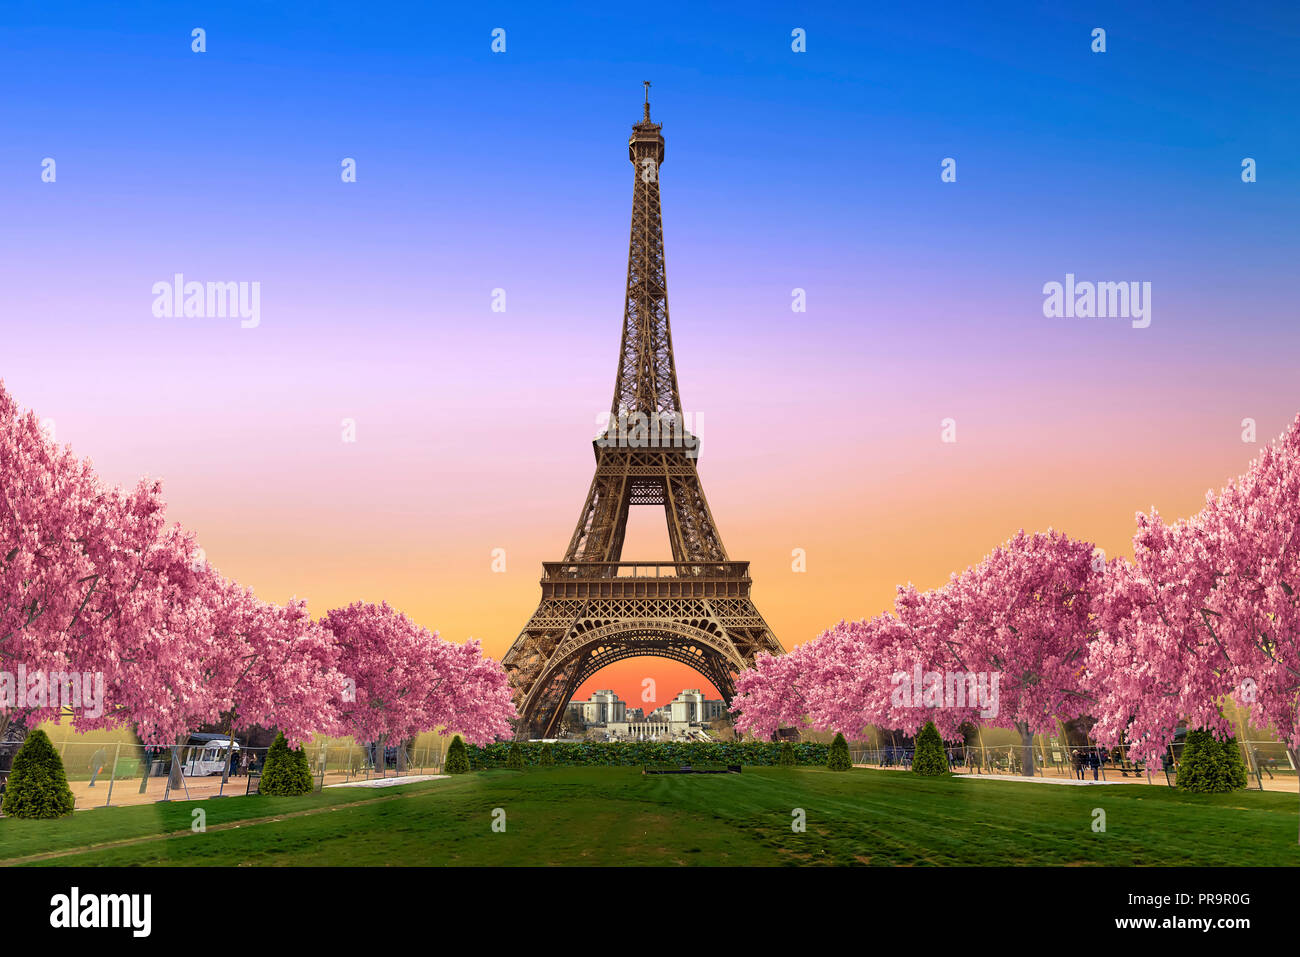 Torre Eiffel dai campi di Marte al tramonto Immagini Stock